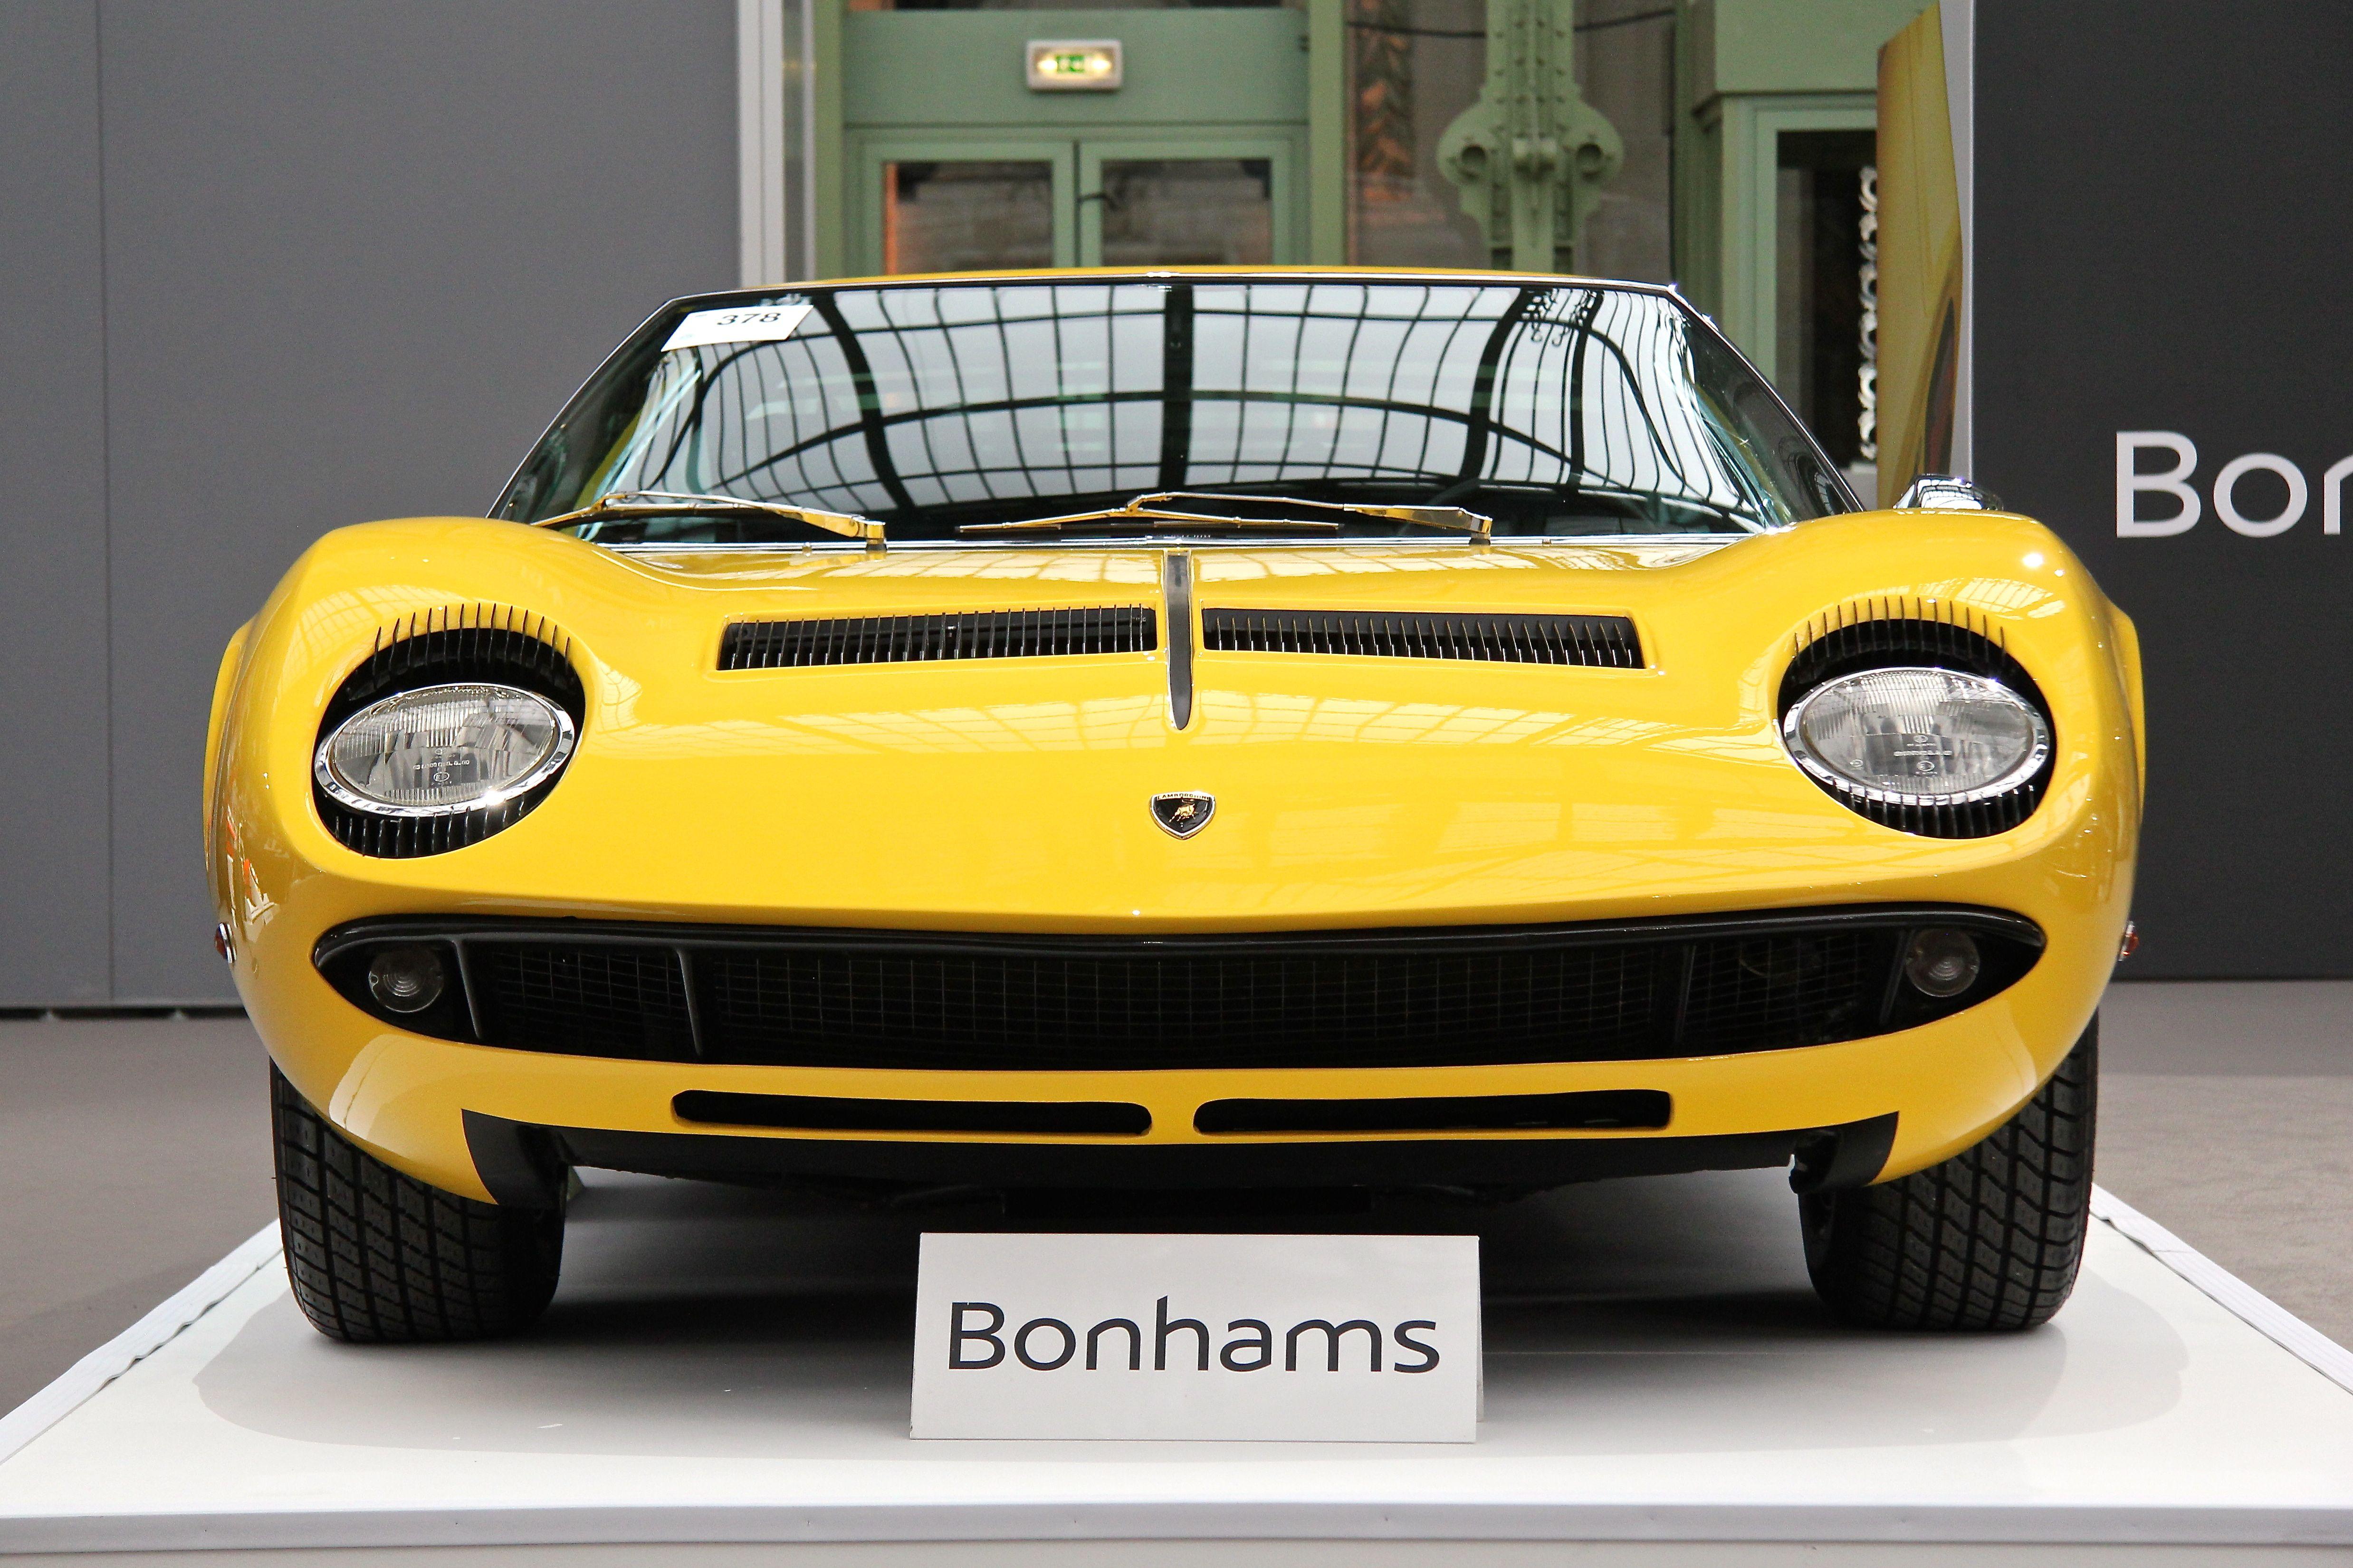 Lamborghini Miura P400 S - 1968 - Retromobile - Bonhams - 2018 - photo Ludo Ferrari